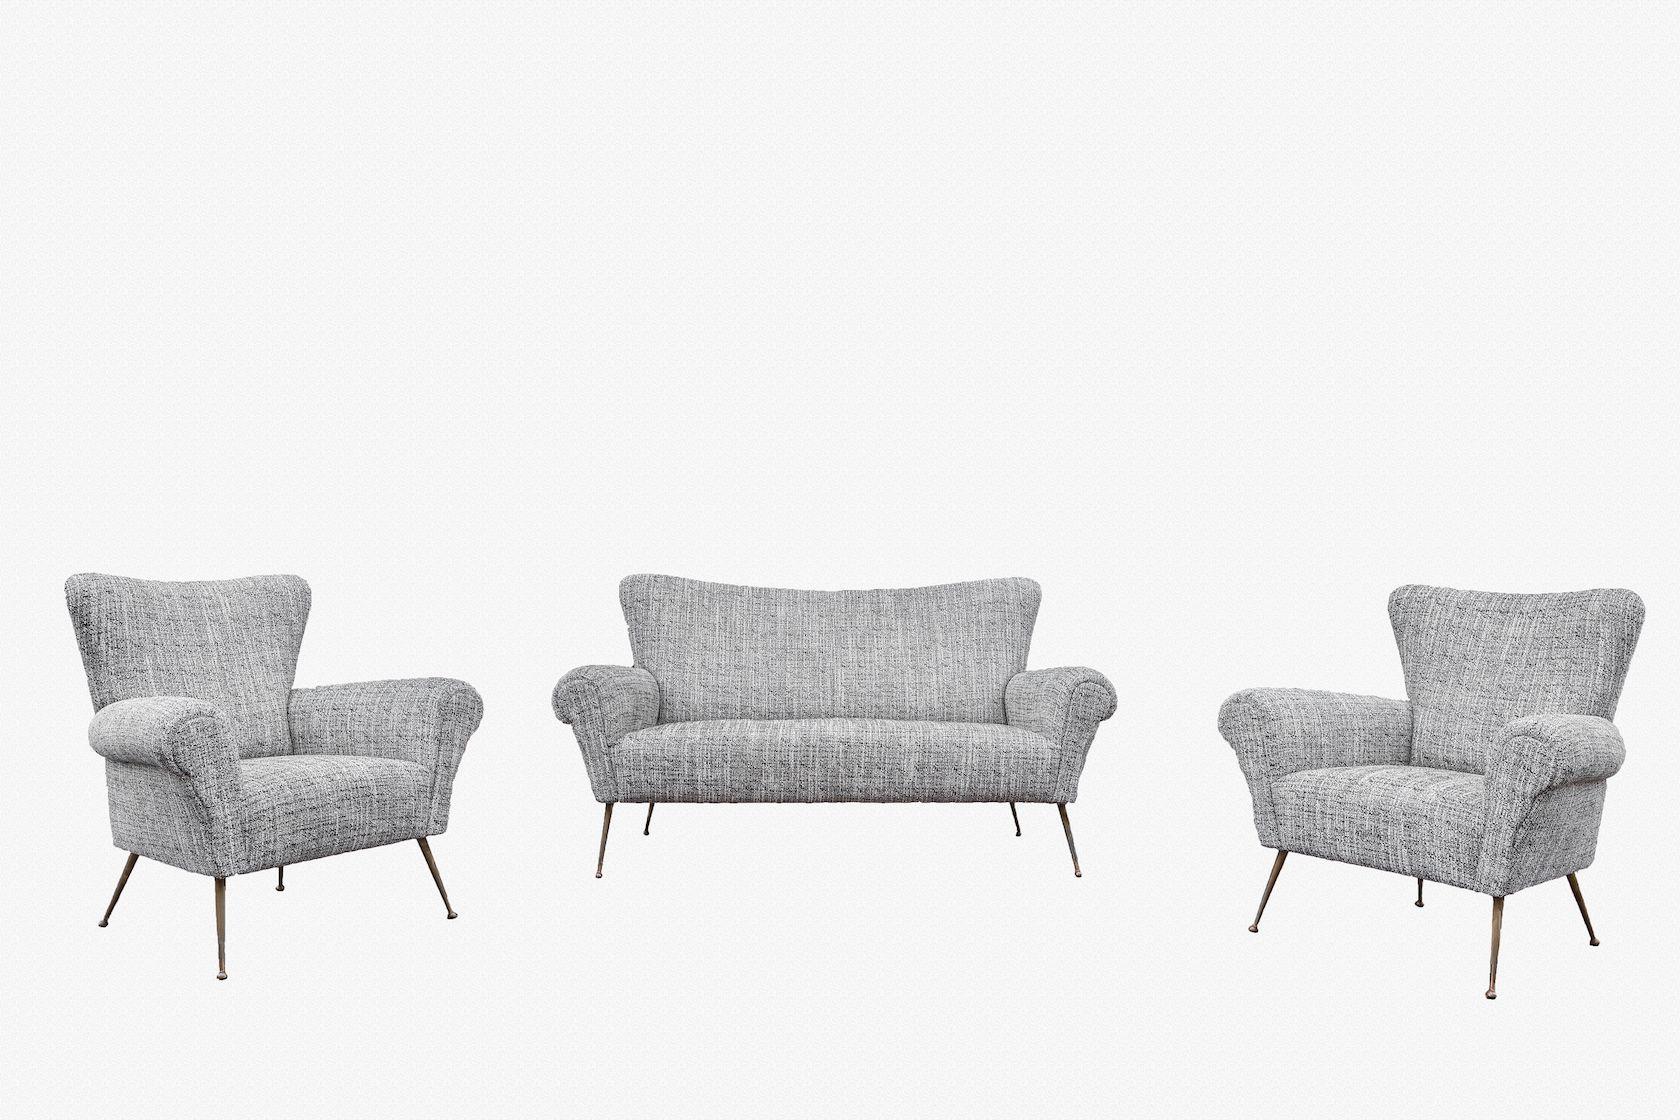 italienisches wohnzimmer set 1950 bei pamono kaufen. Black Bedroom Furniture Sets. Home Design Ideas